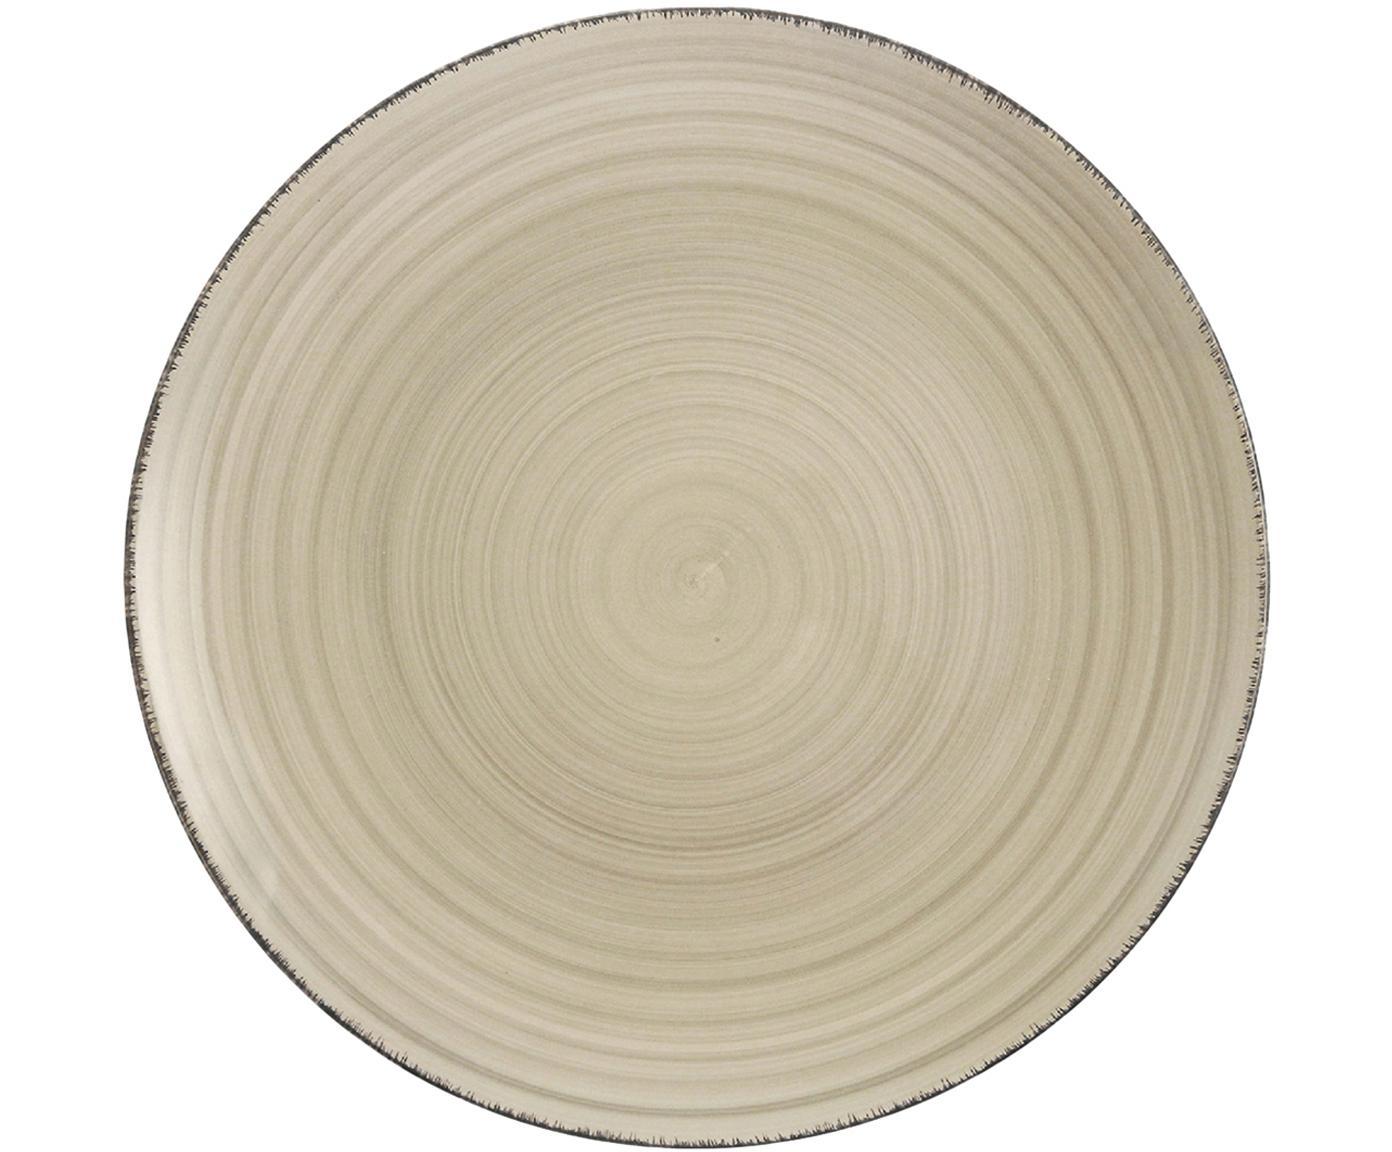 Piatto da colazione Baita 6 pz, Terracotta (Hard Dolomite), dipinto a mano, Grigio, Ø 20 cm